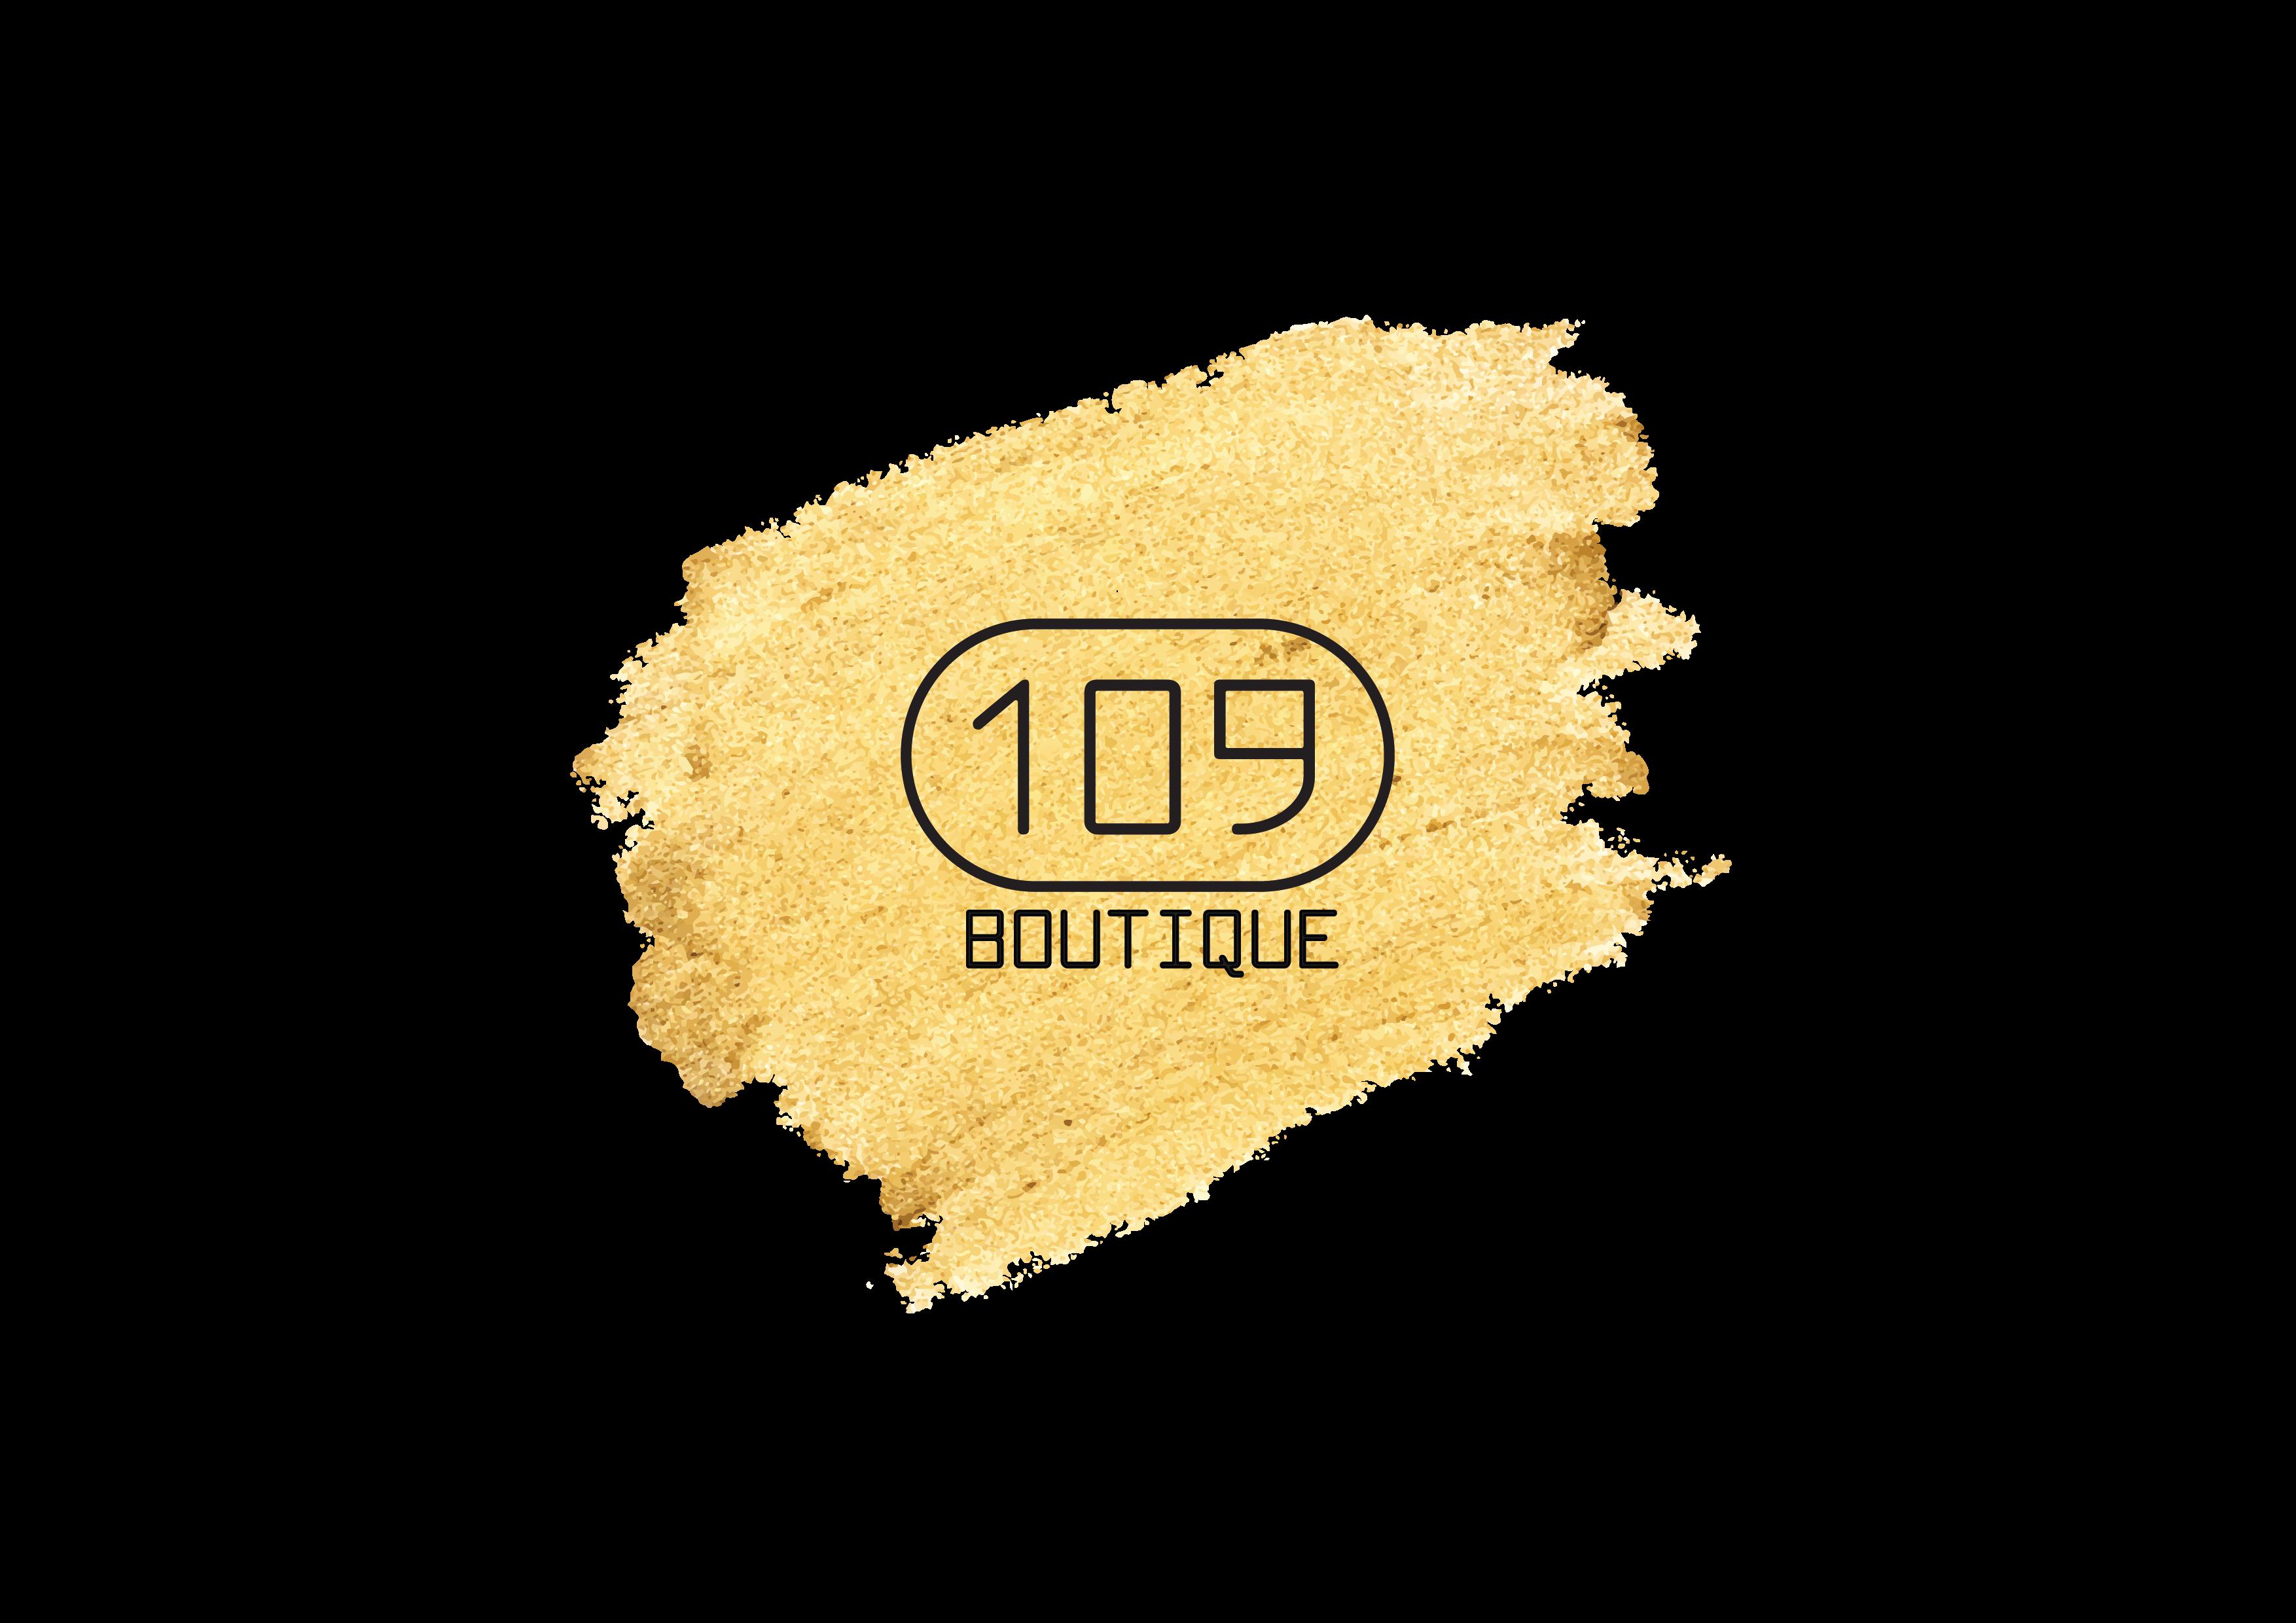 Boutique 109